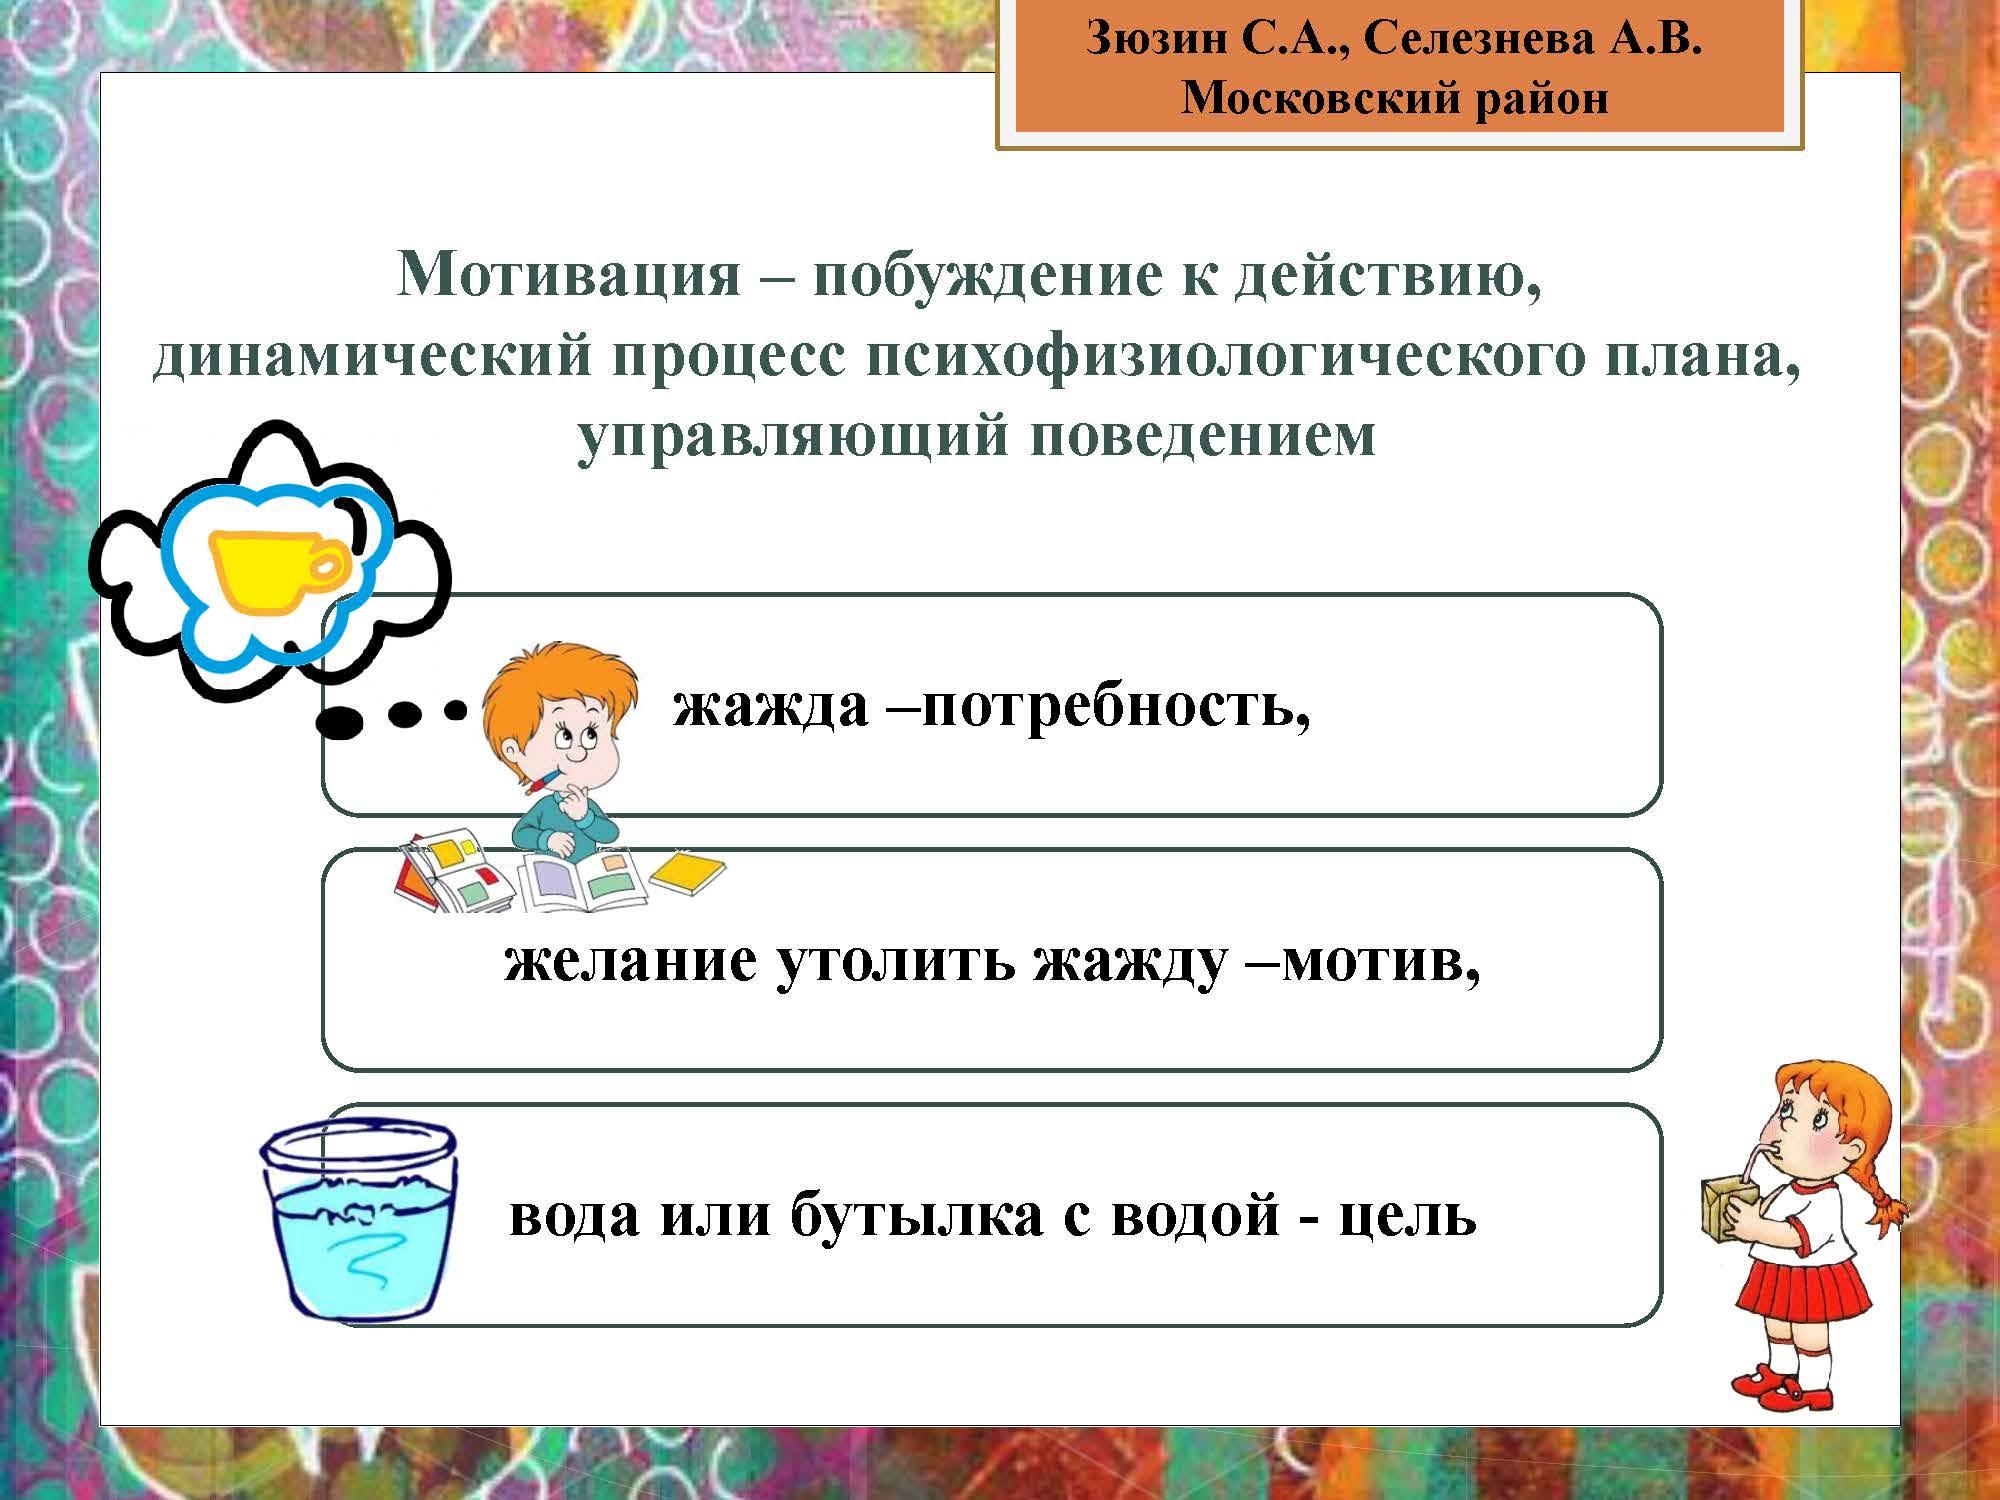 секция 8. ГБОУ 495. Московский район_Страница_04